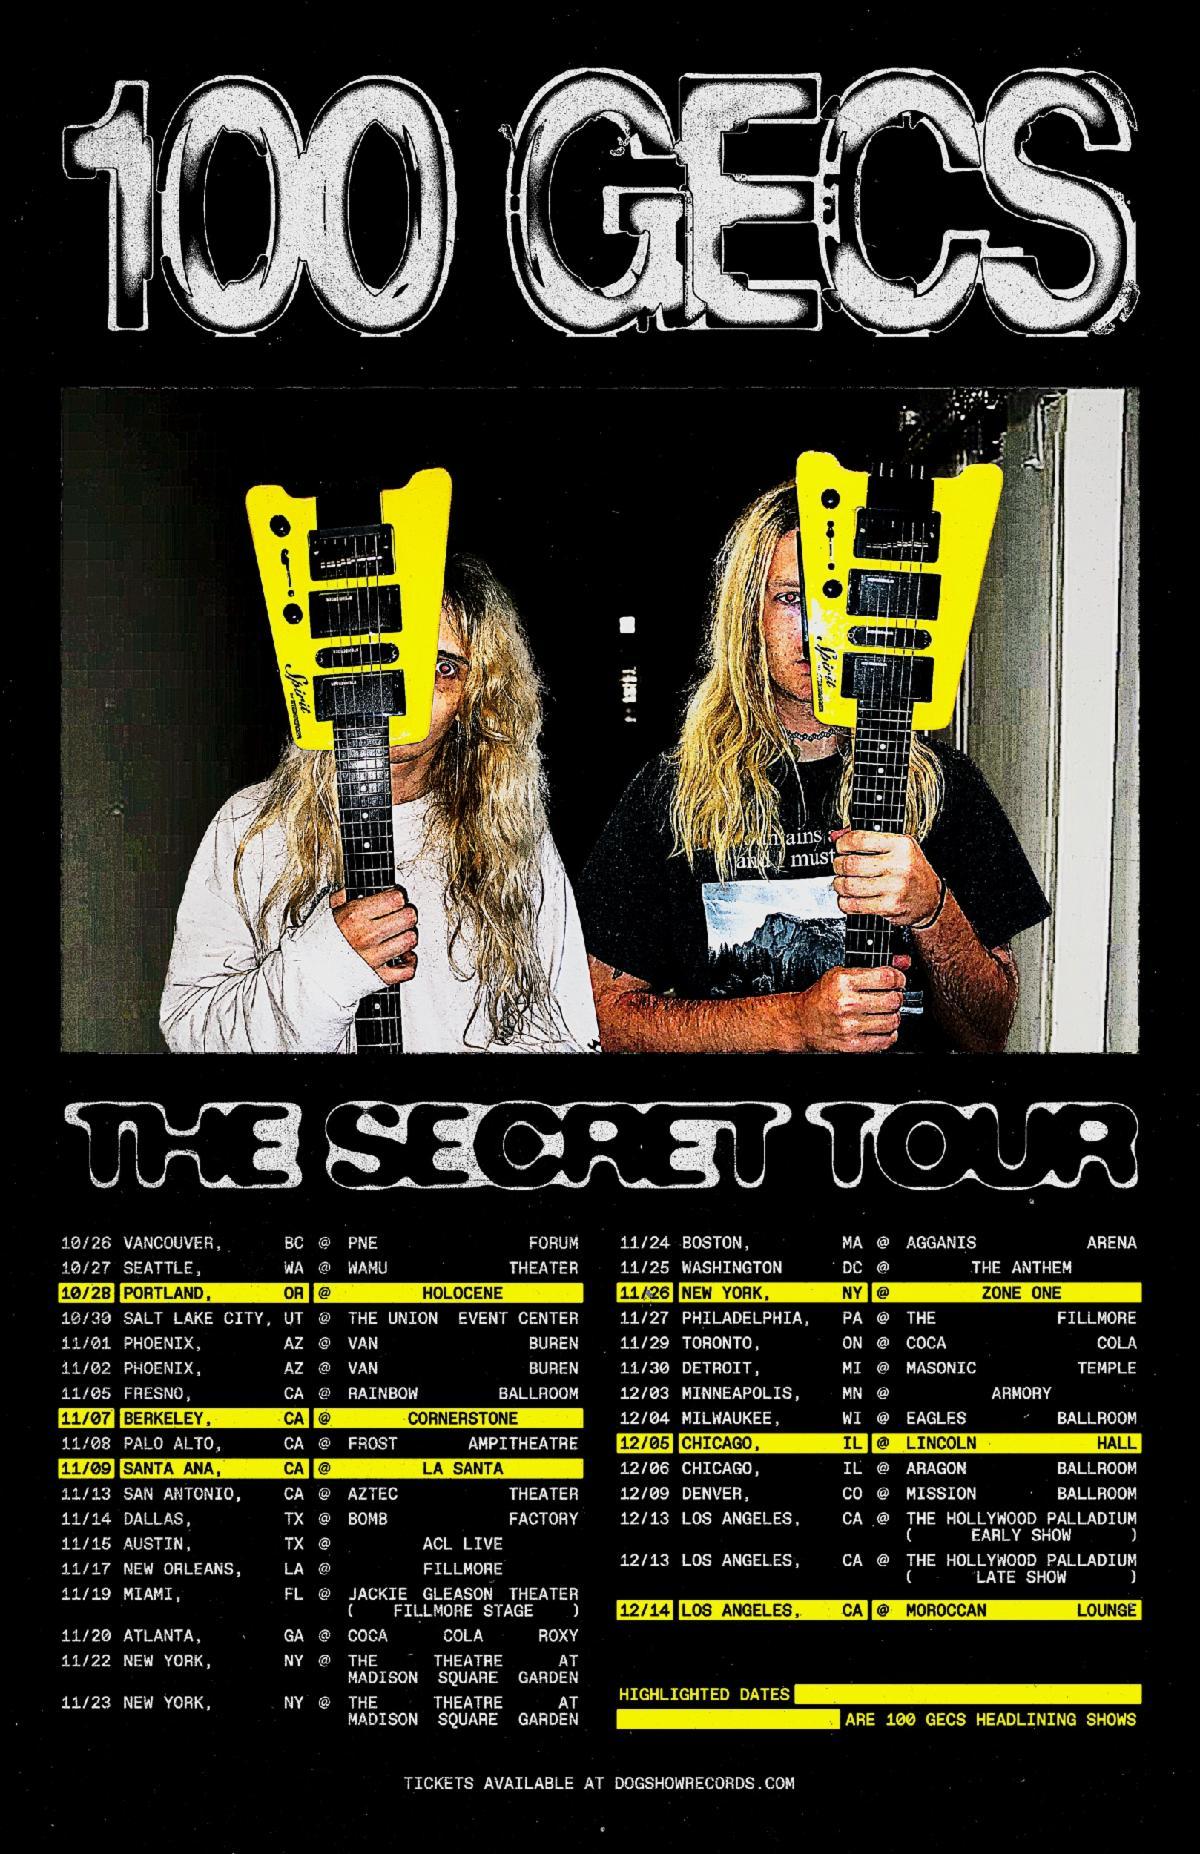 100 gecs NA tour poster